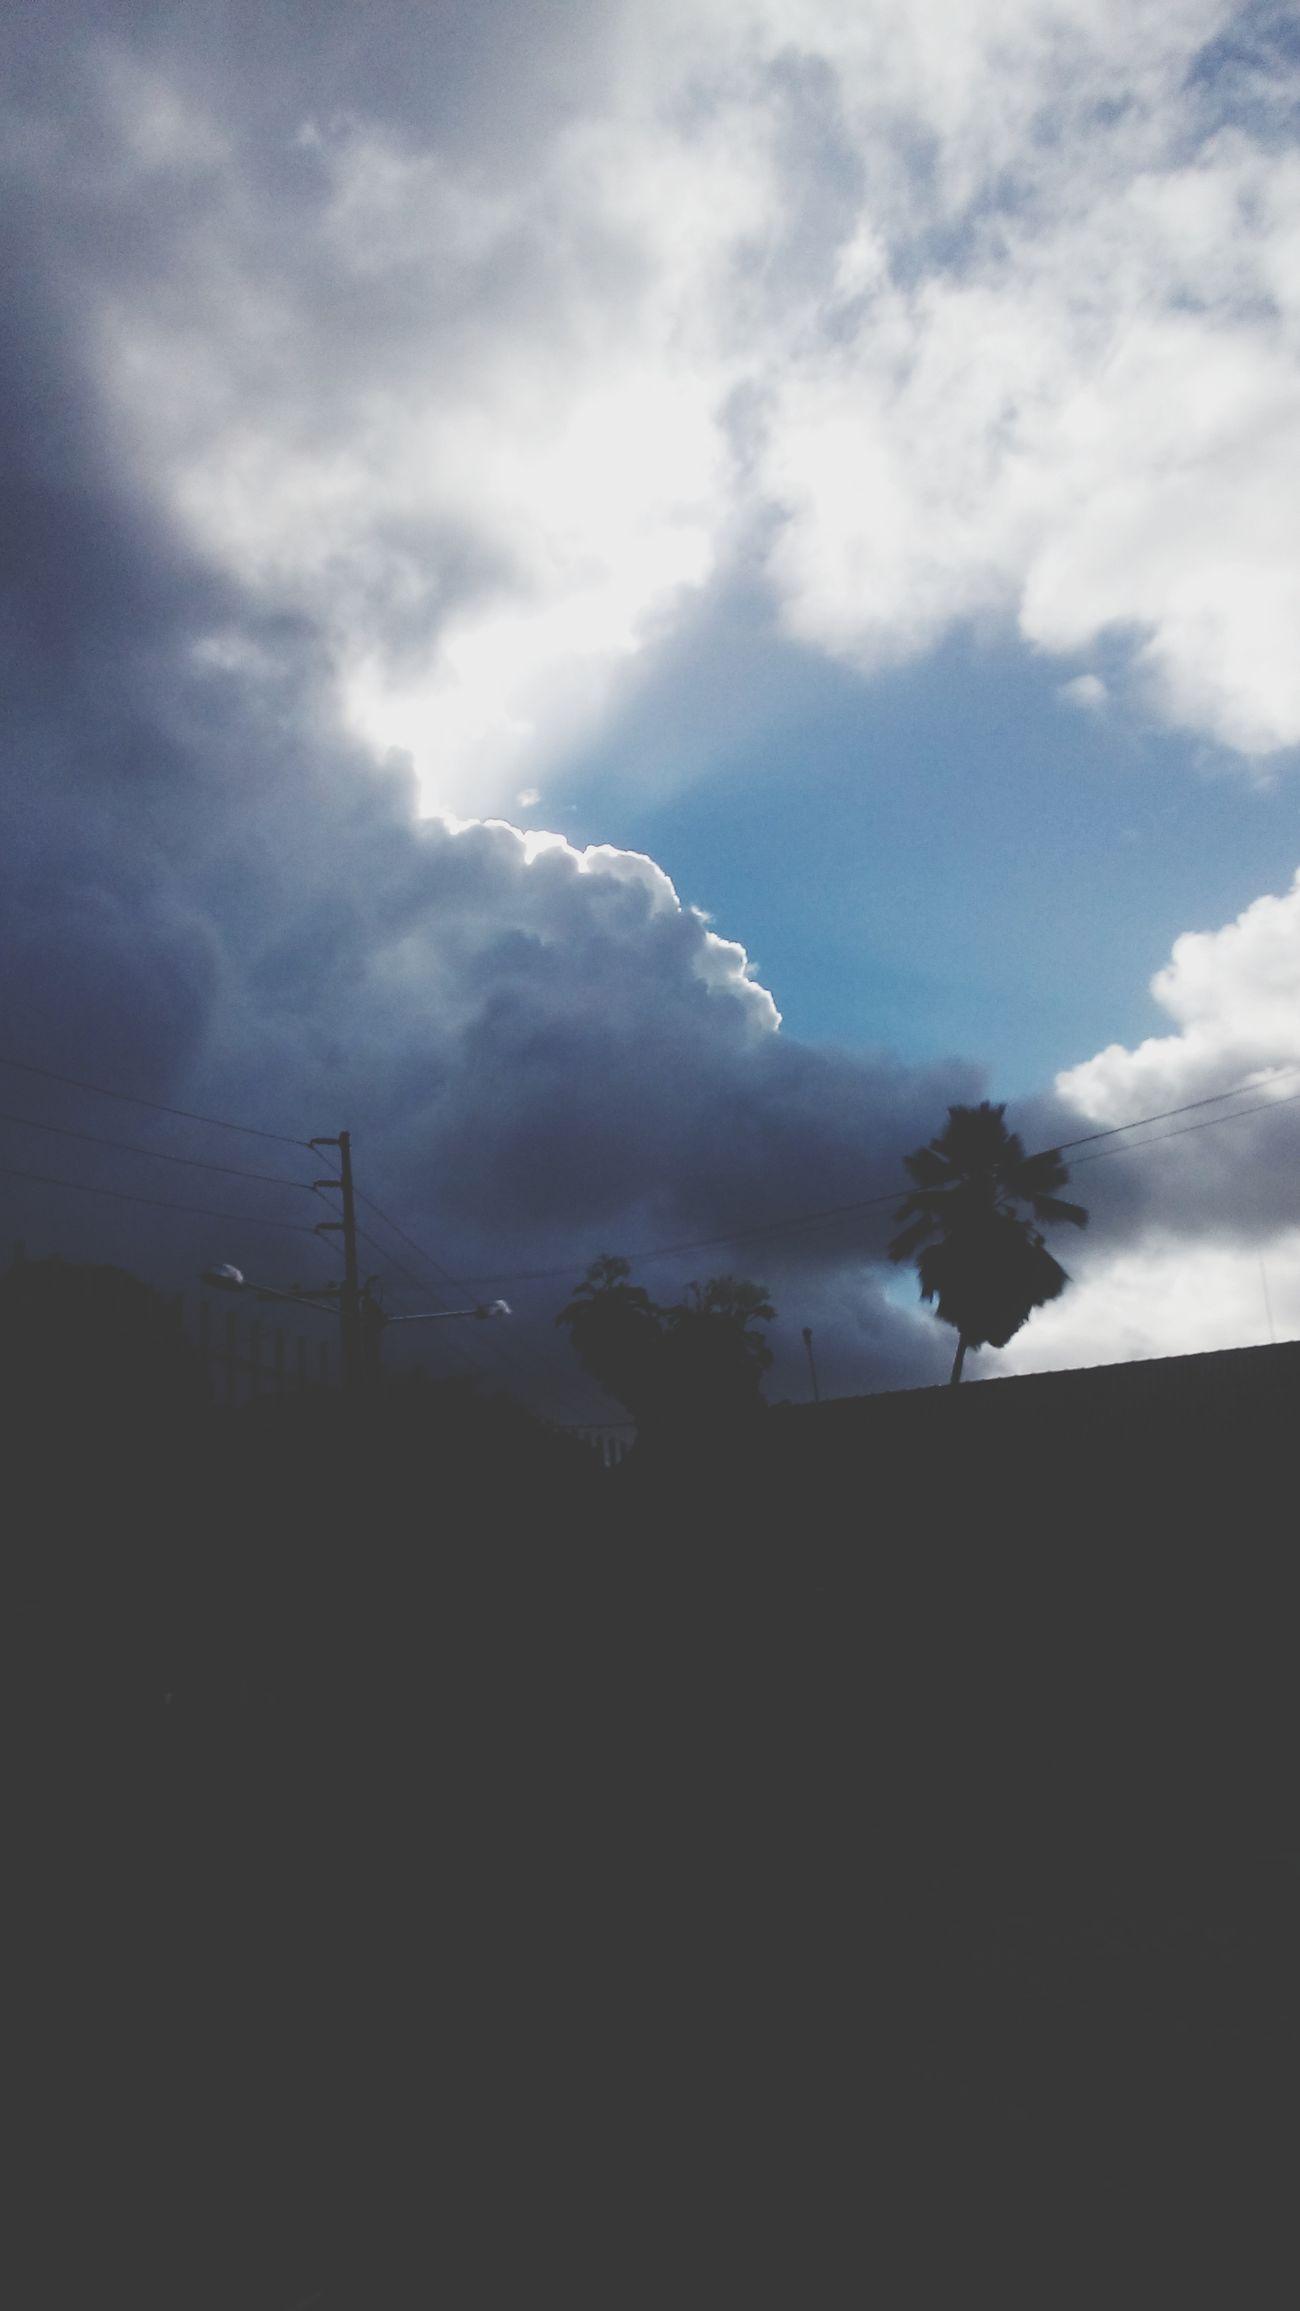 Lembre-se q a sempre luz em meio as trevas Sol Nuvem Lux Trevas Chuva